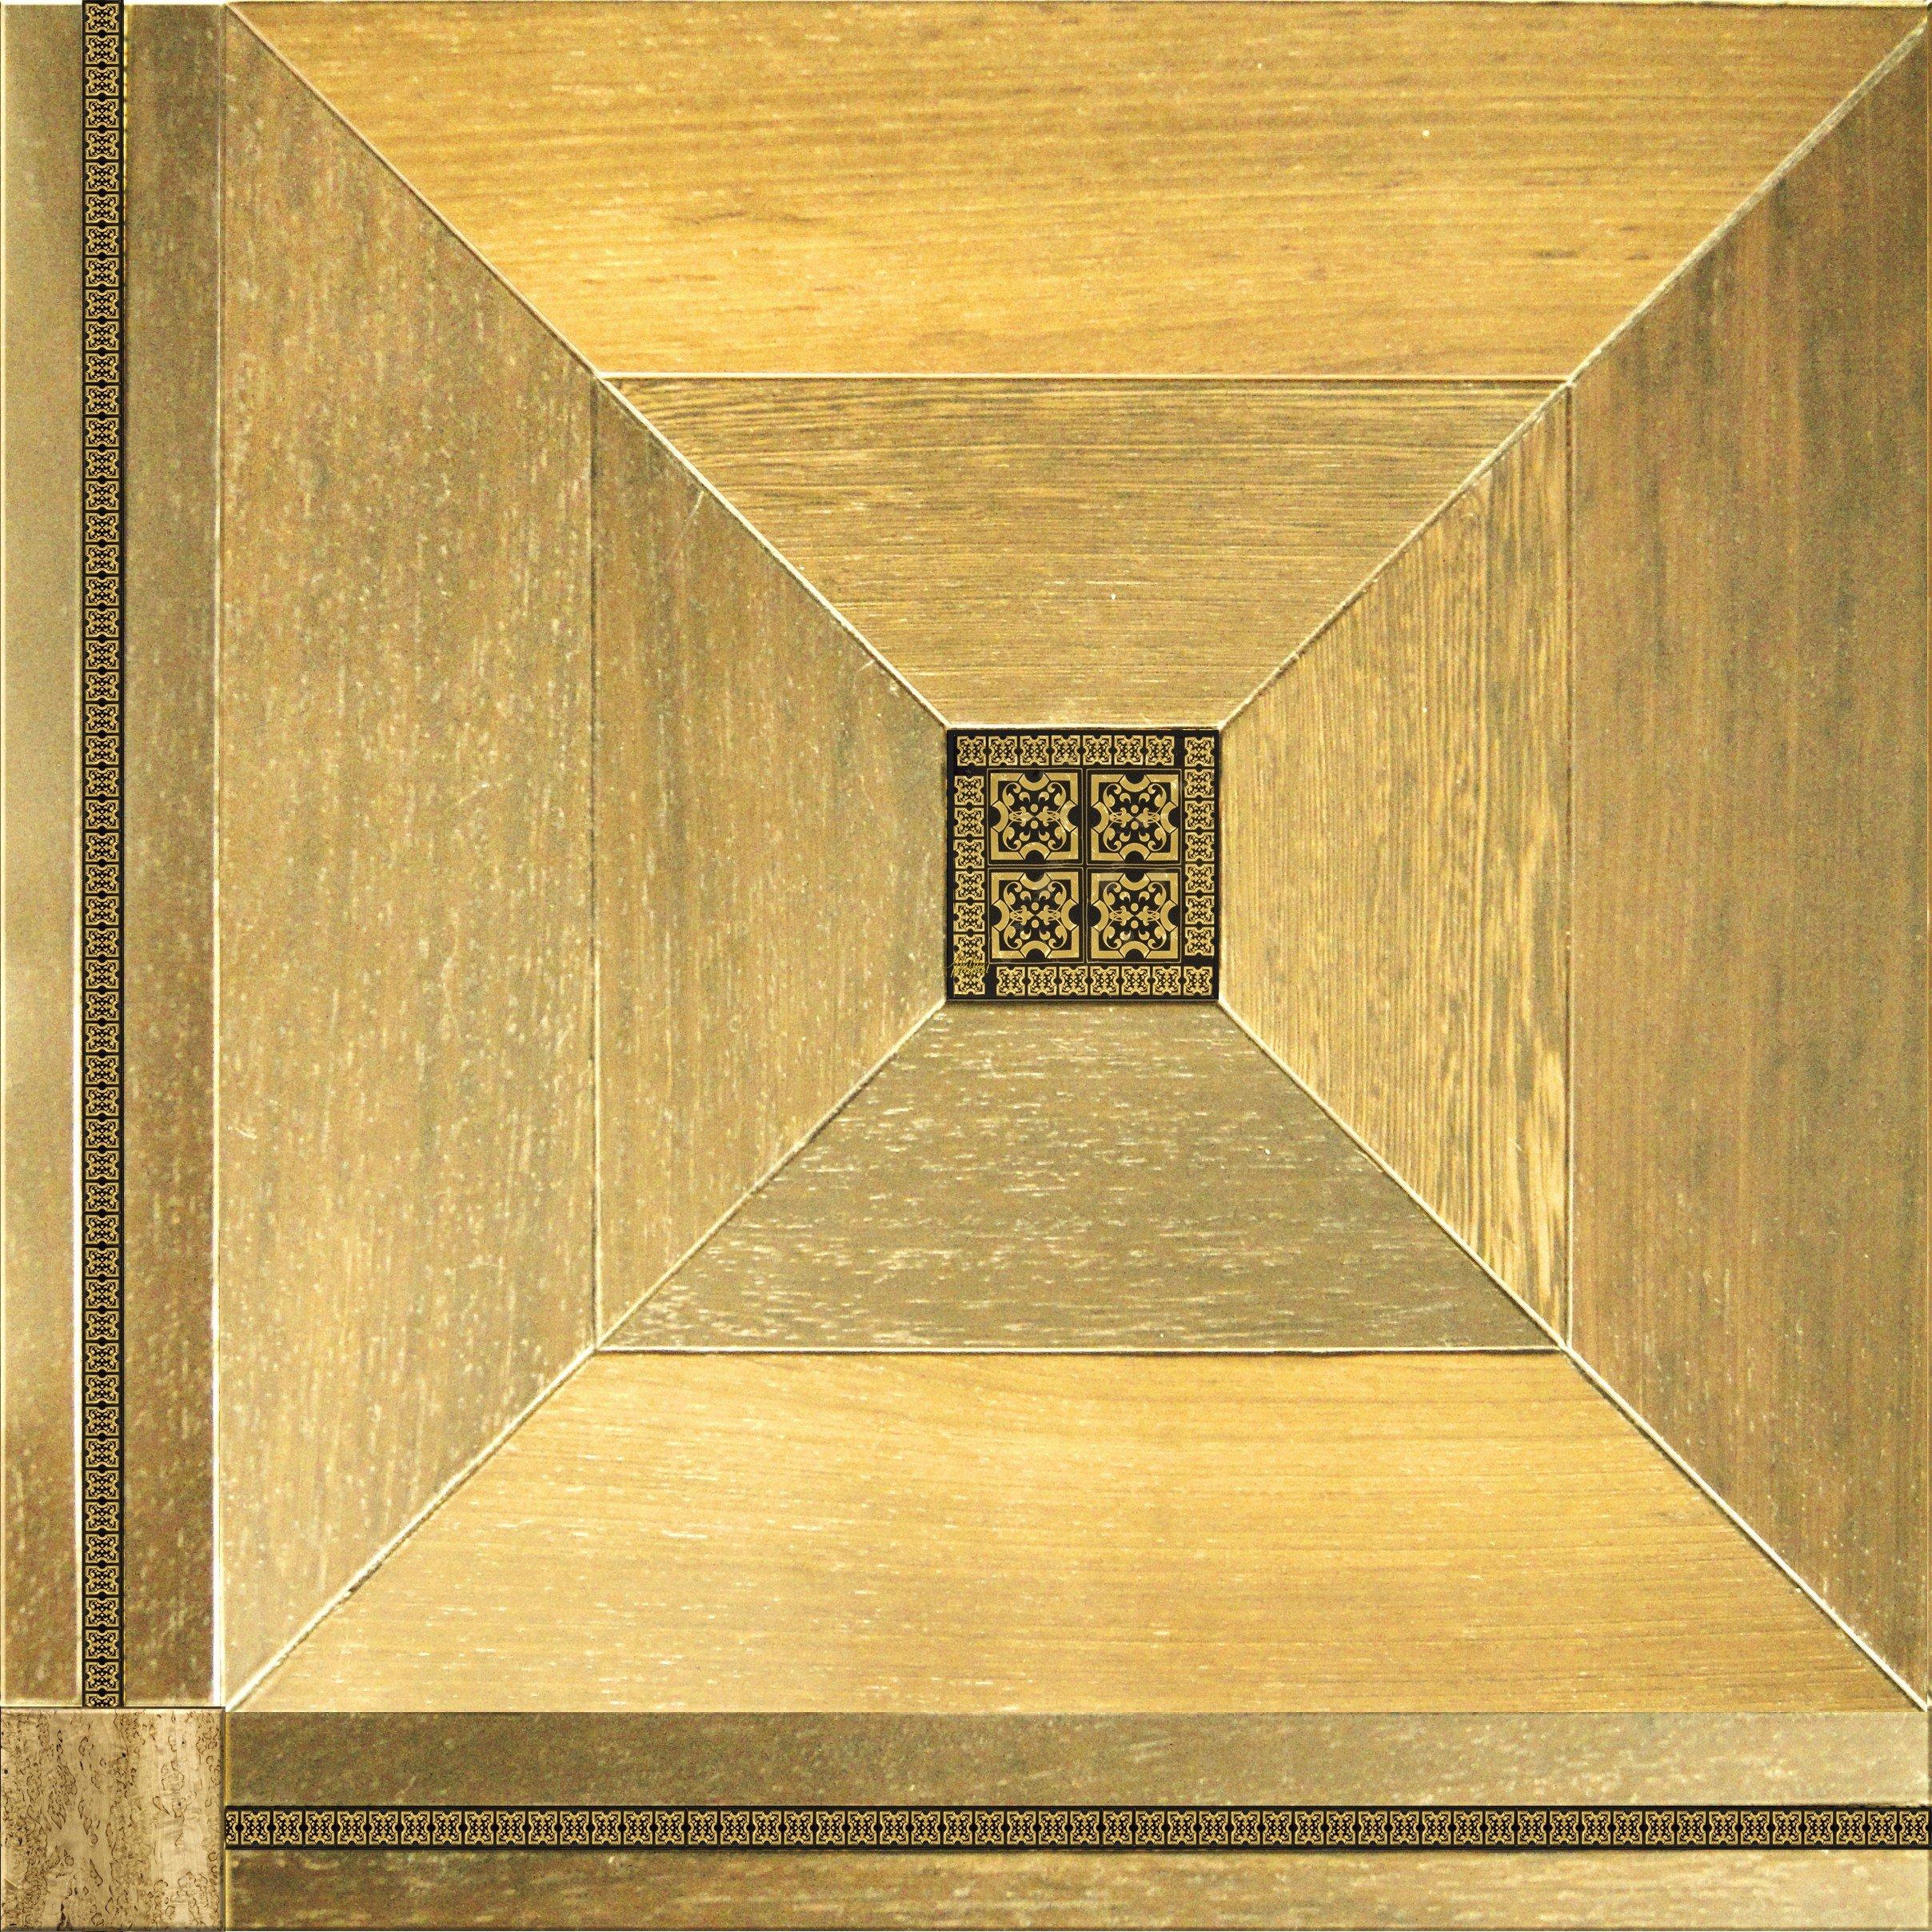 Модульный паркет Da Vinci с мозаикой 26-006-00486